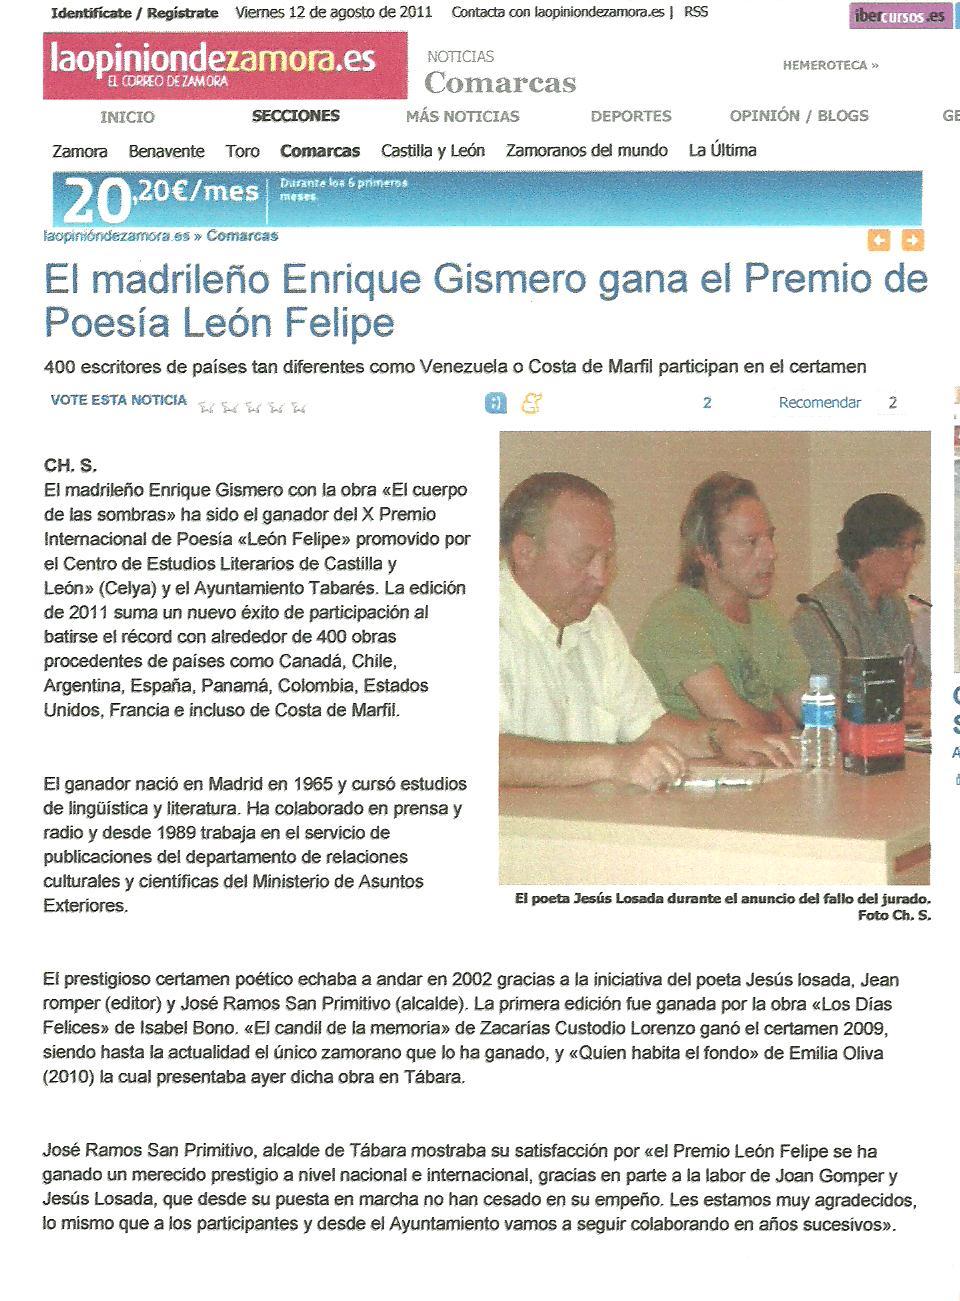 """LA OPINION DE ZAMORA: Enrique Gismero gana el X Premio Internacional de Poesía """"León Felipe""""."""